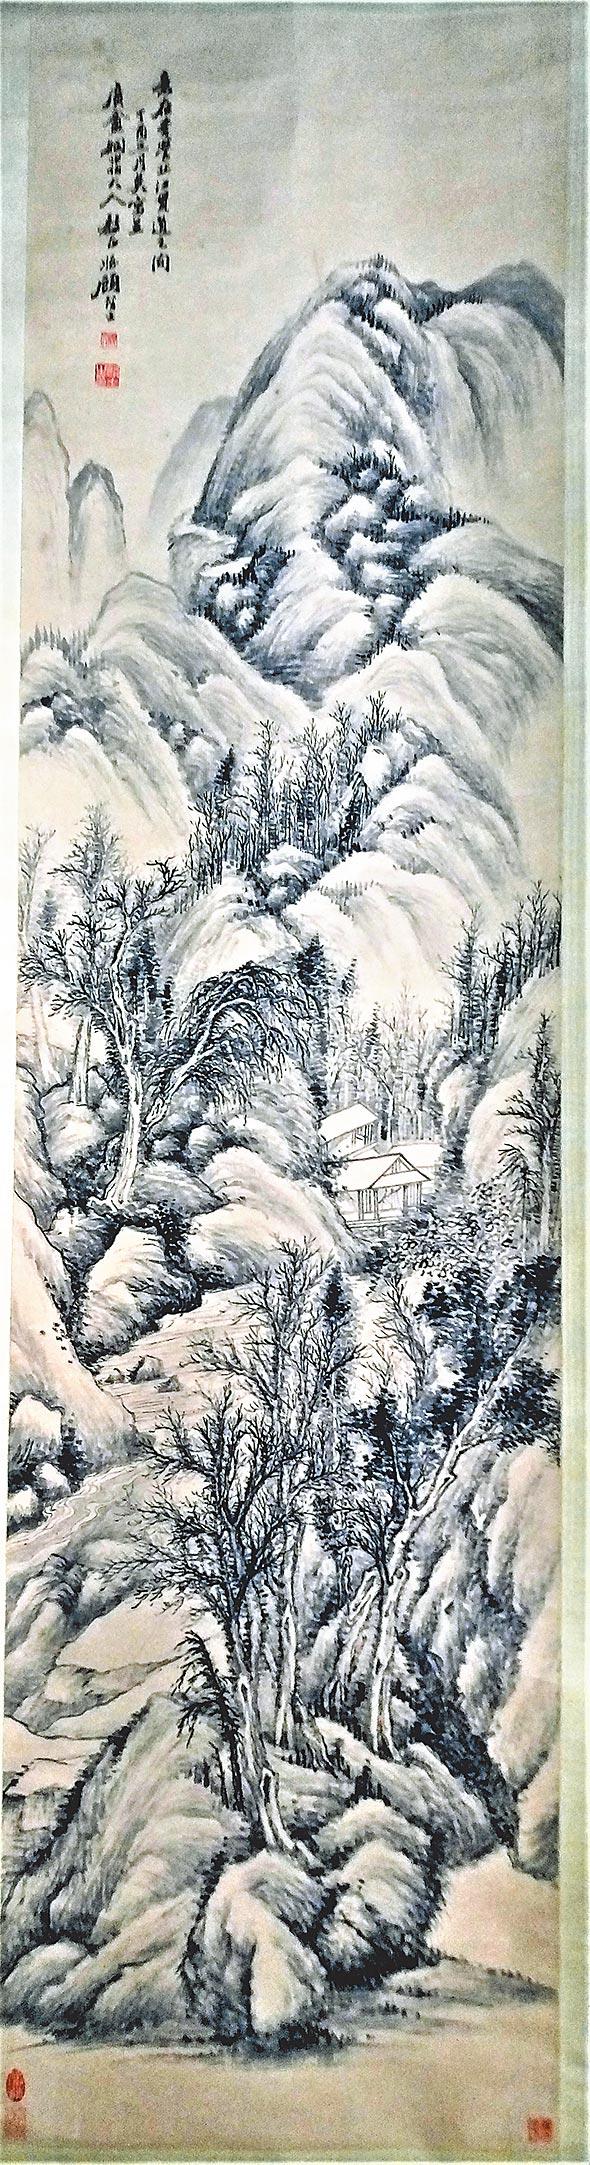 1865 顧麟士1897 33歲  仿李江筆意山水。(羅青提供)